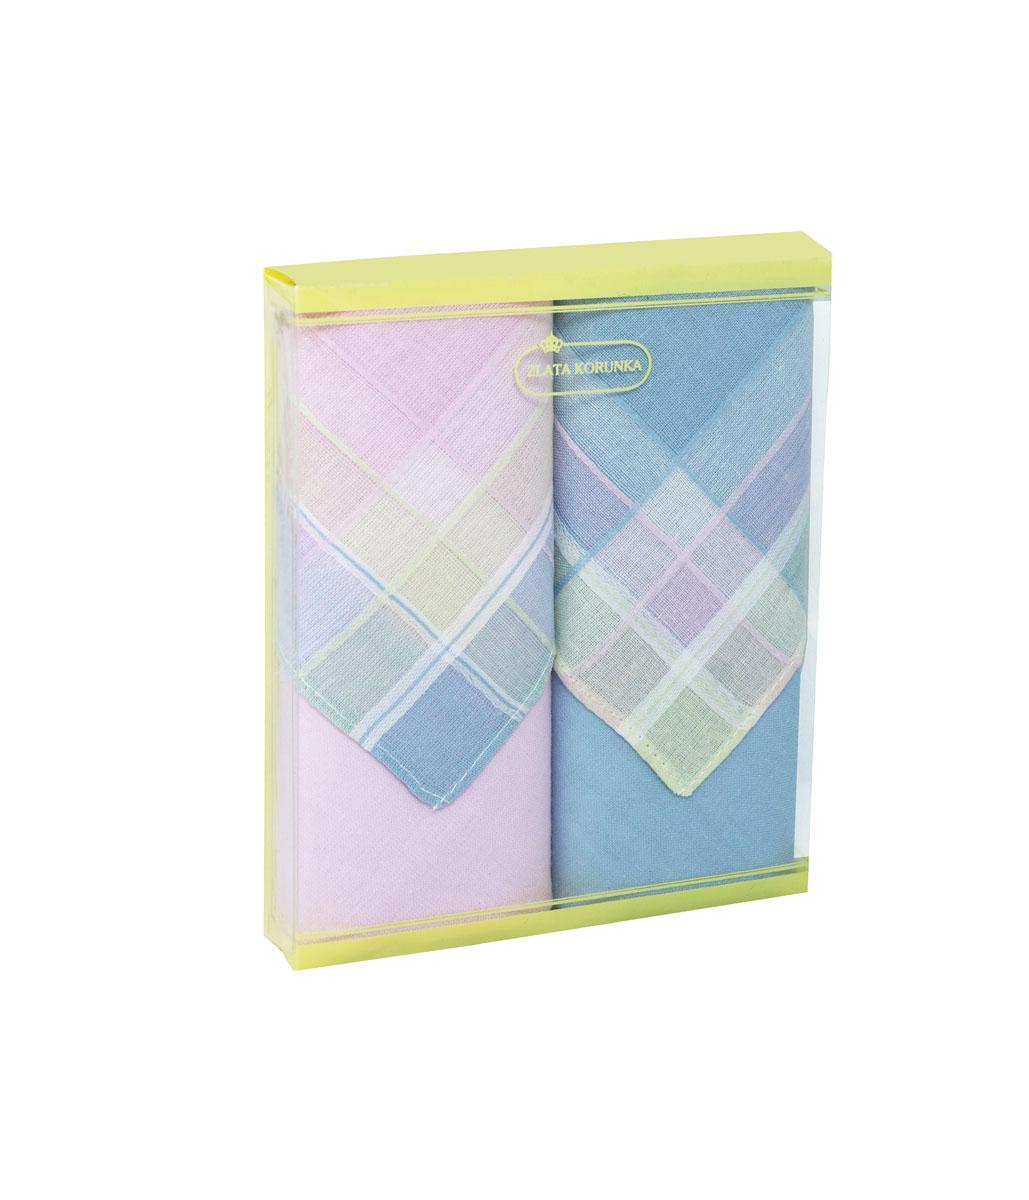 71225-7 Zlata Korunka Носовой платок женский, цвет: мультиколор, 34х34 см, 2 шт71225-7Платки носовые женские в упаковке по 2 шт. Носовые платки изготовлены из 100% хлопка, так как этот материал приятен в использовании, хорошо стирается, не садится, отлично впитывает влагу.